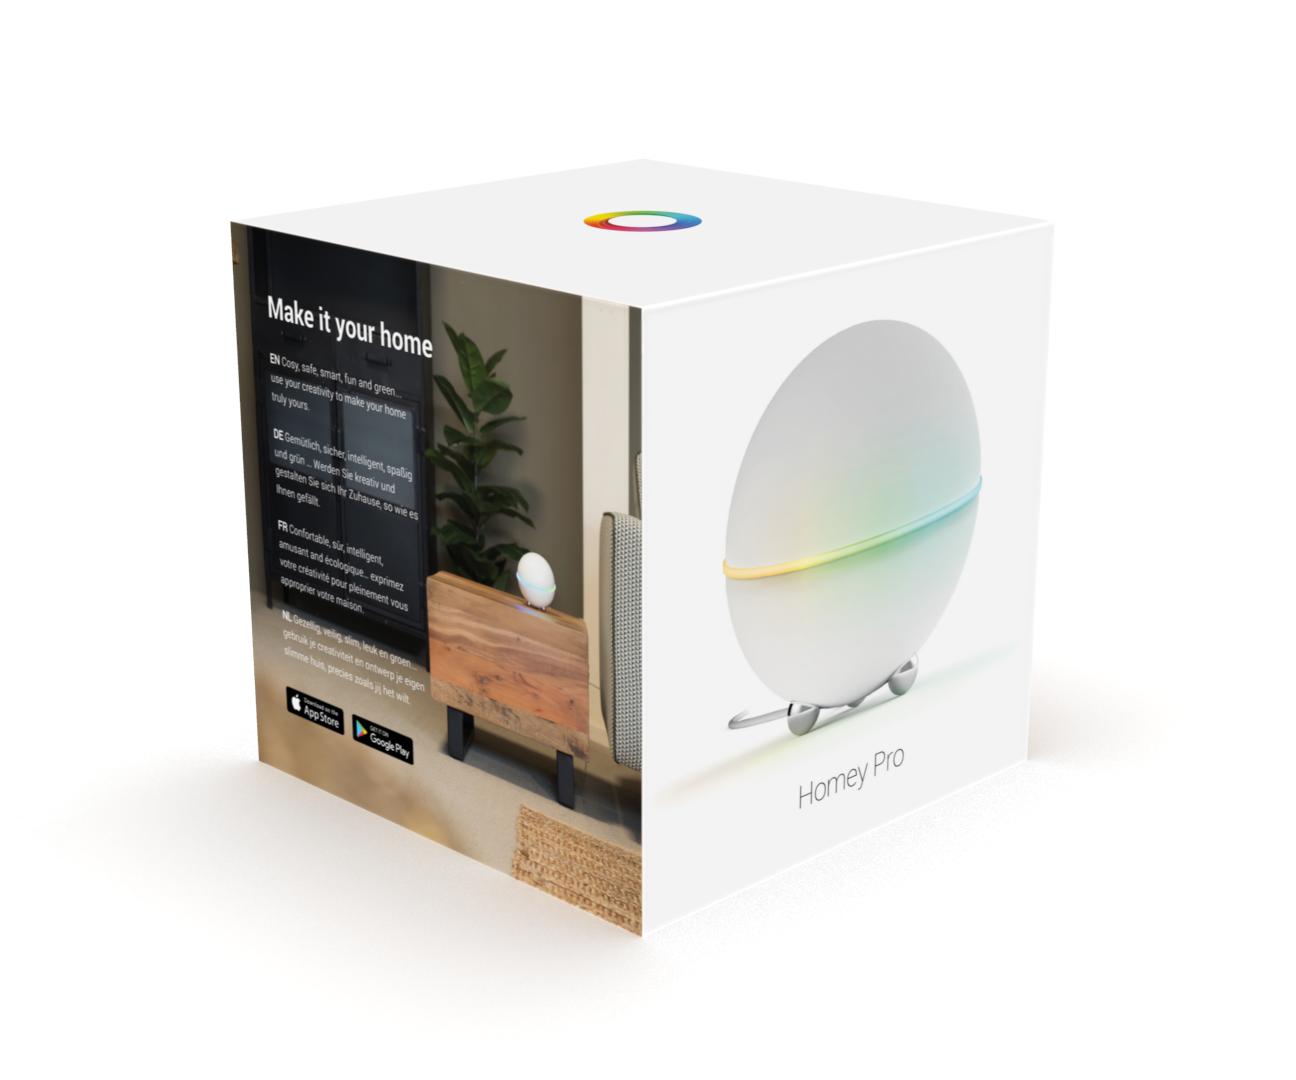 Homey Smart Home Hub with Zigbee